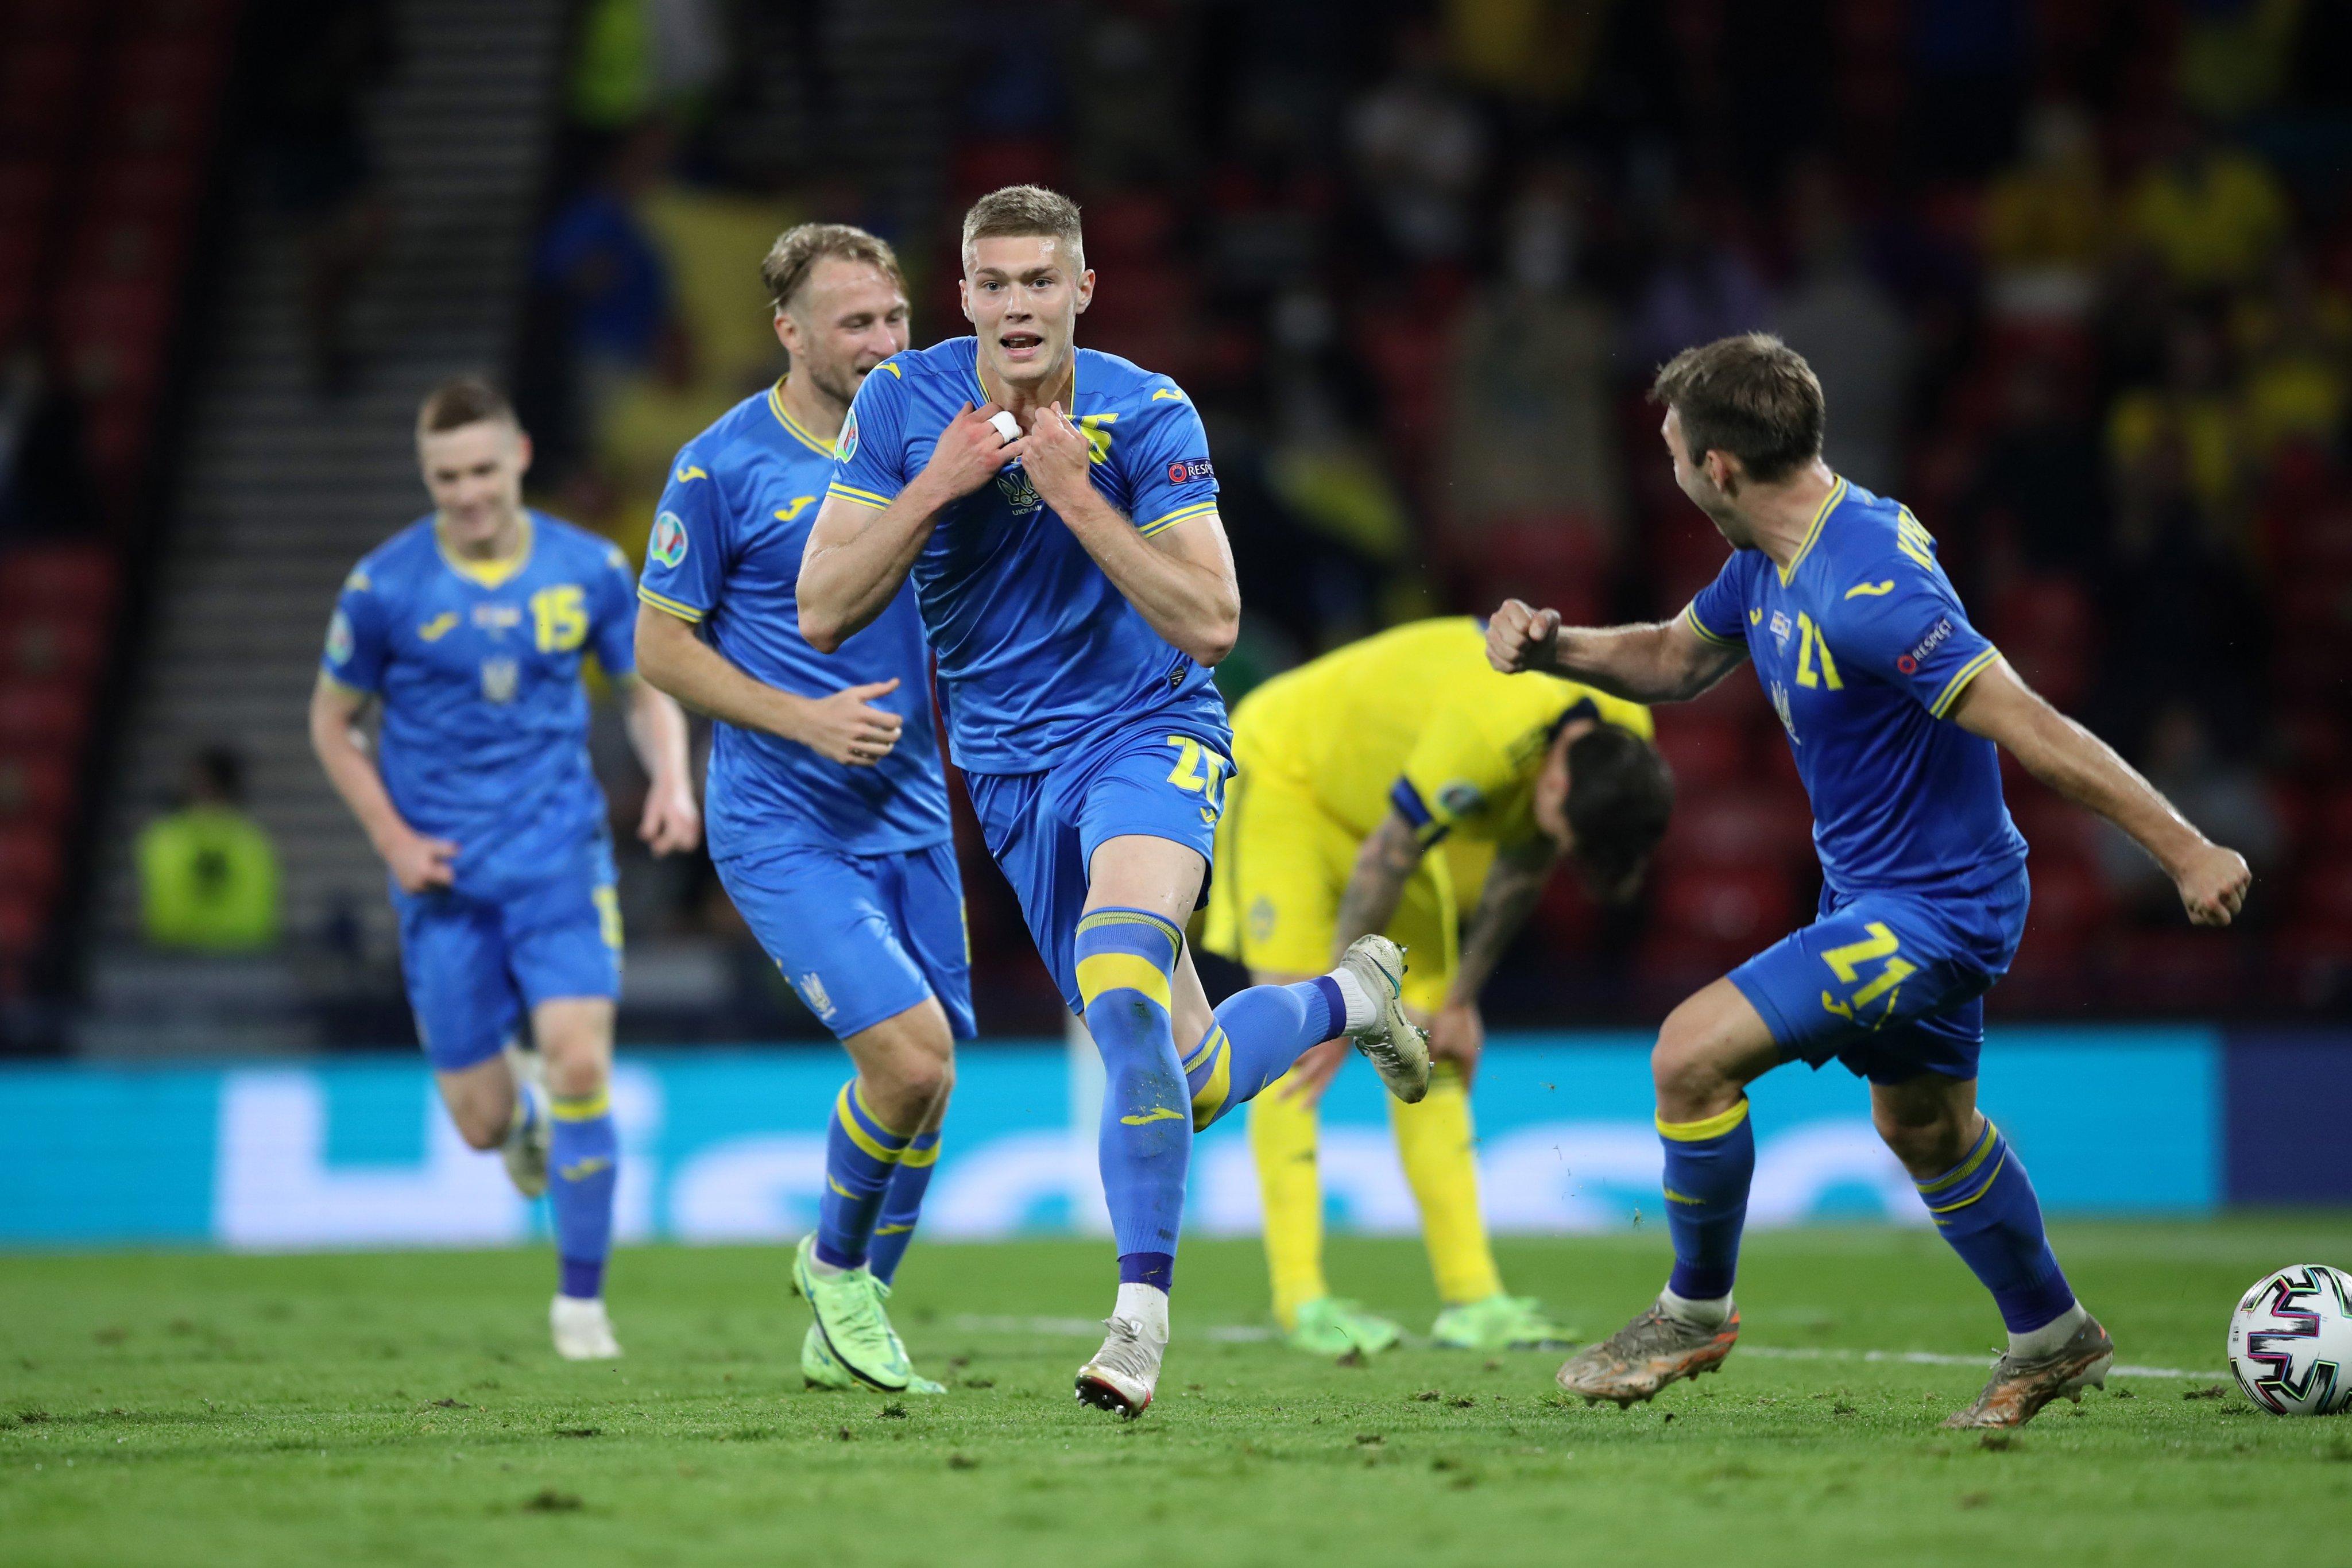 स्वीडेनलाई हराउँदै युक्रेन क्वार्टरफाइनलमा